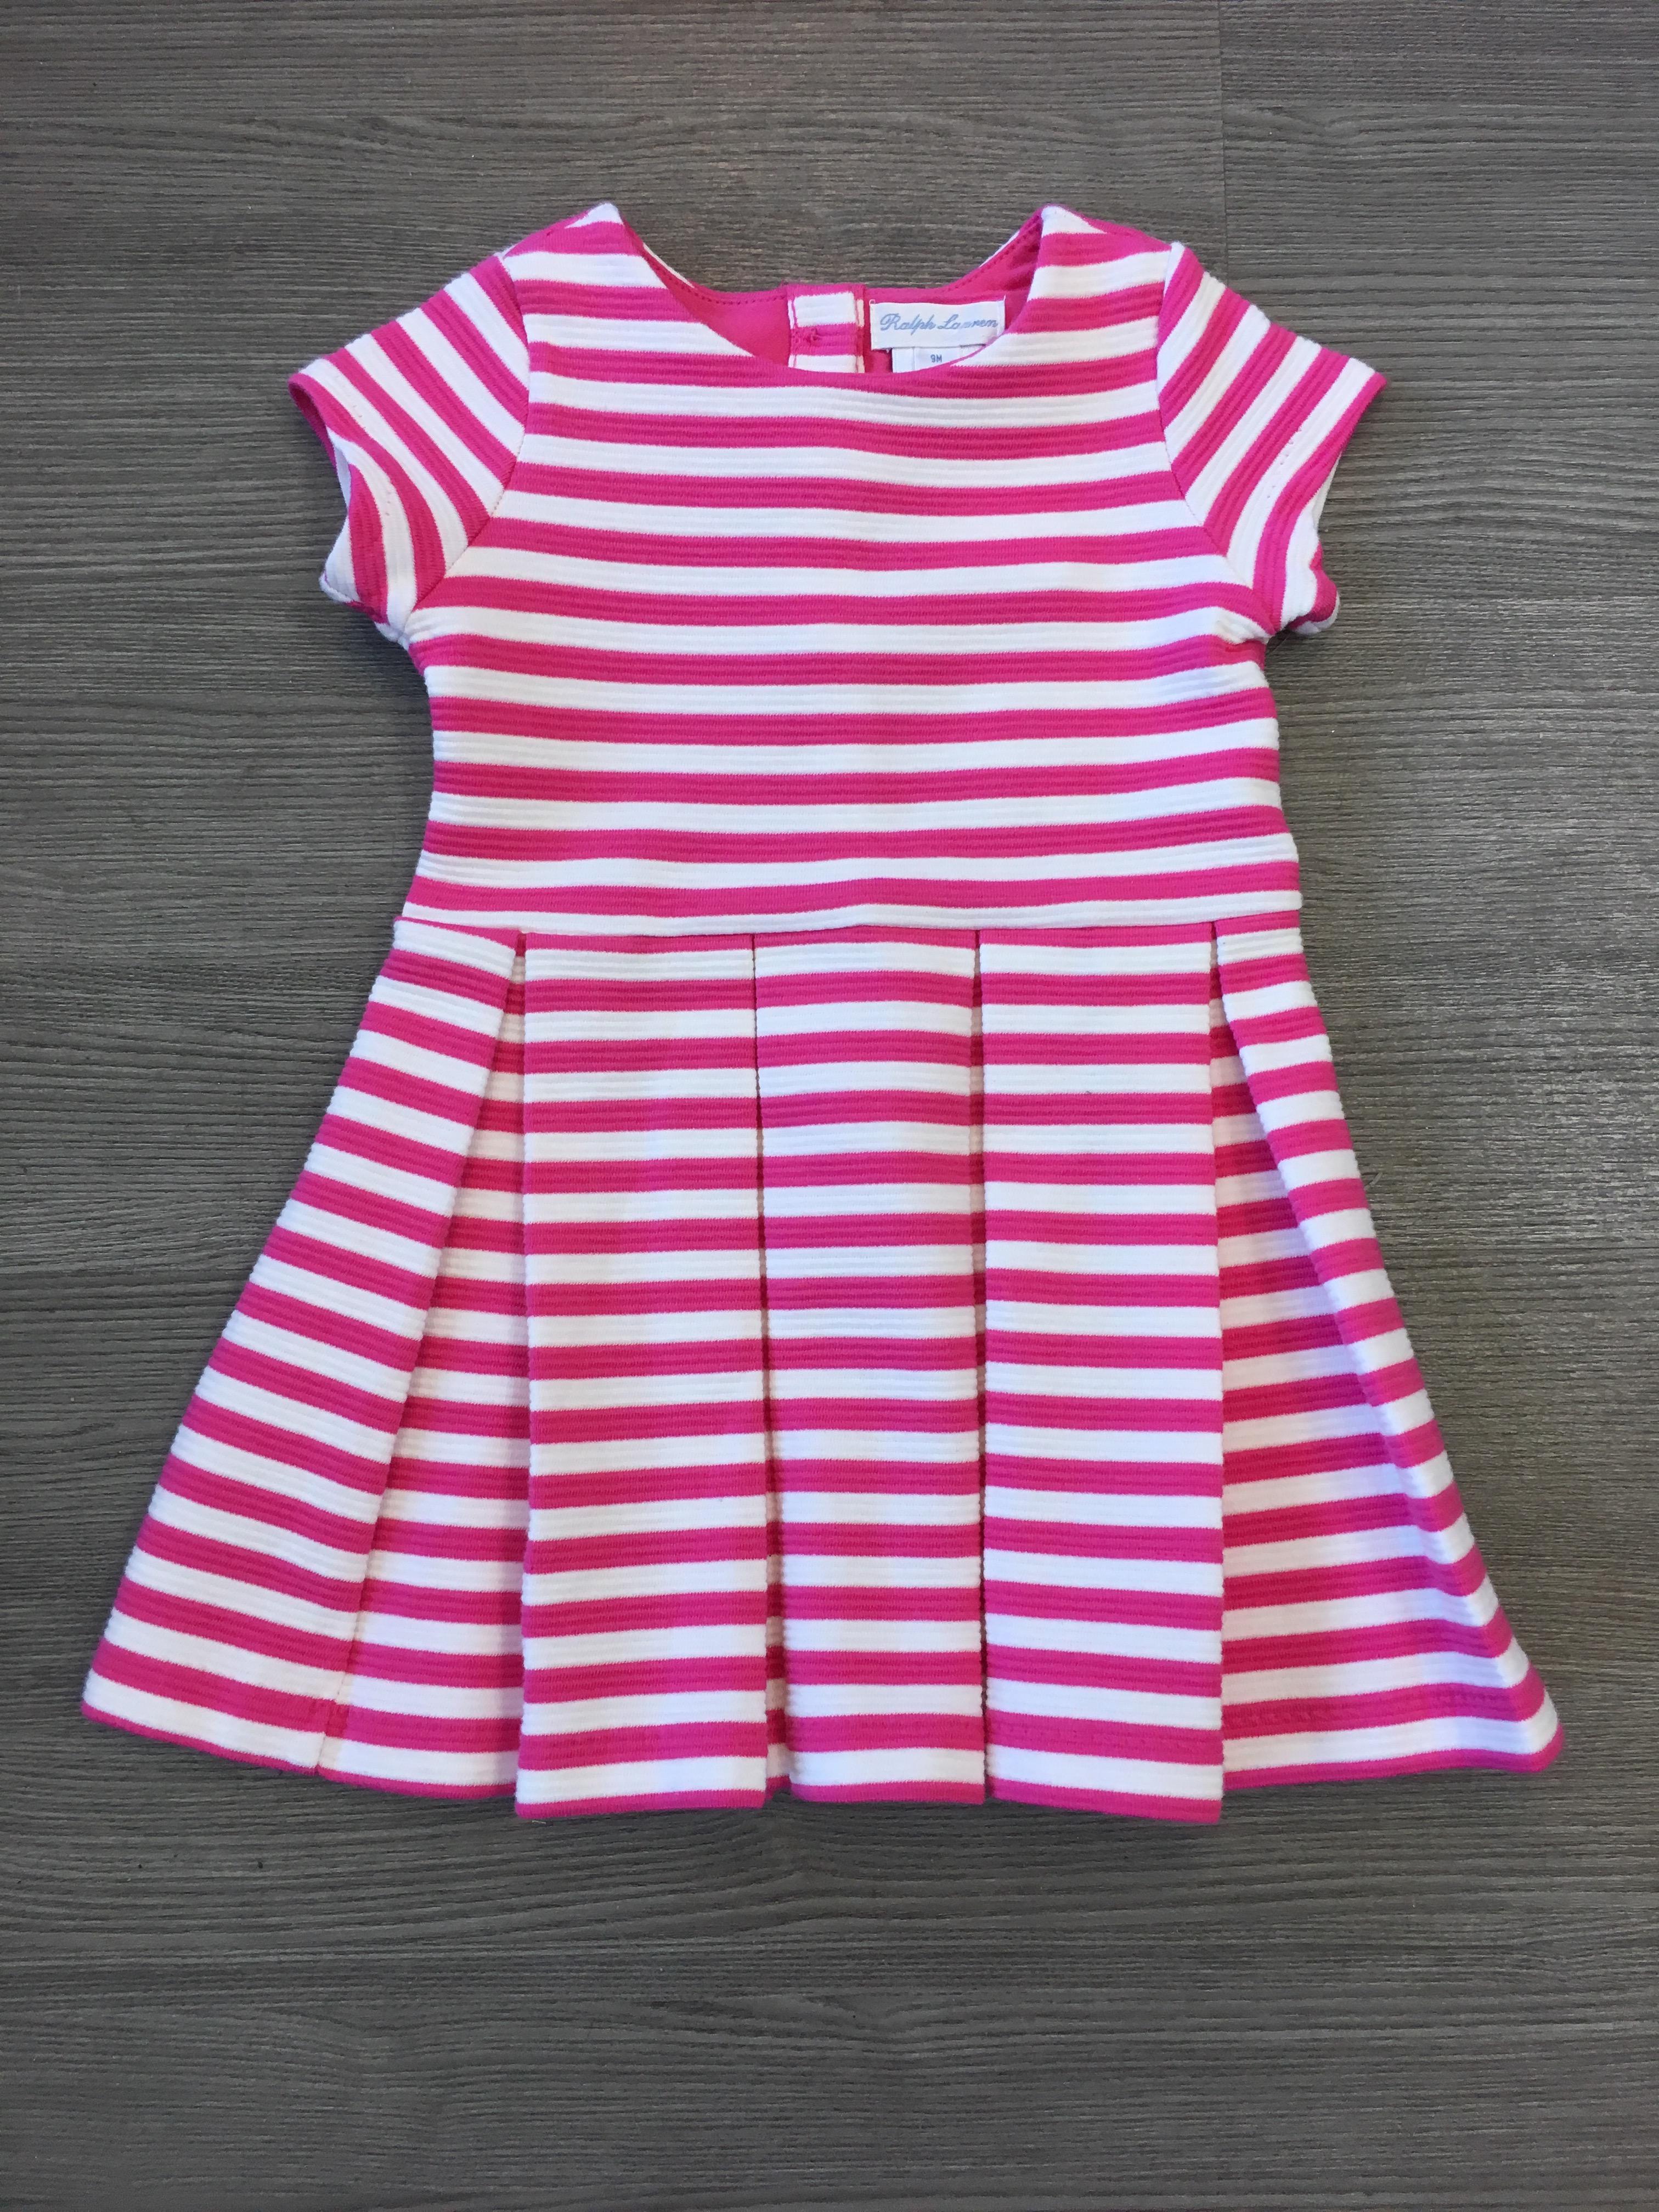 Ralph-Lauren-Size-9-months-Stripe-Dress_8311A.jpg